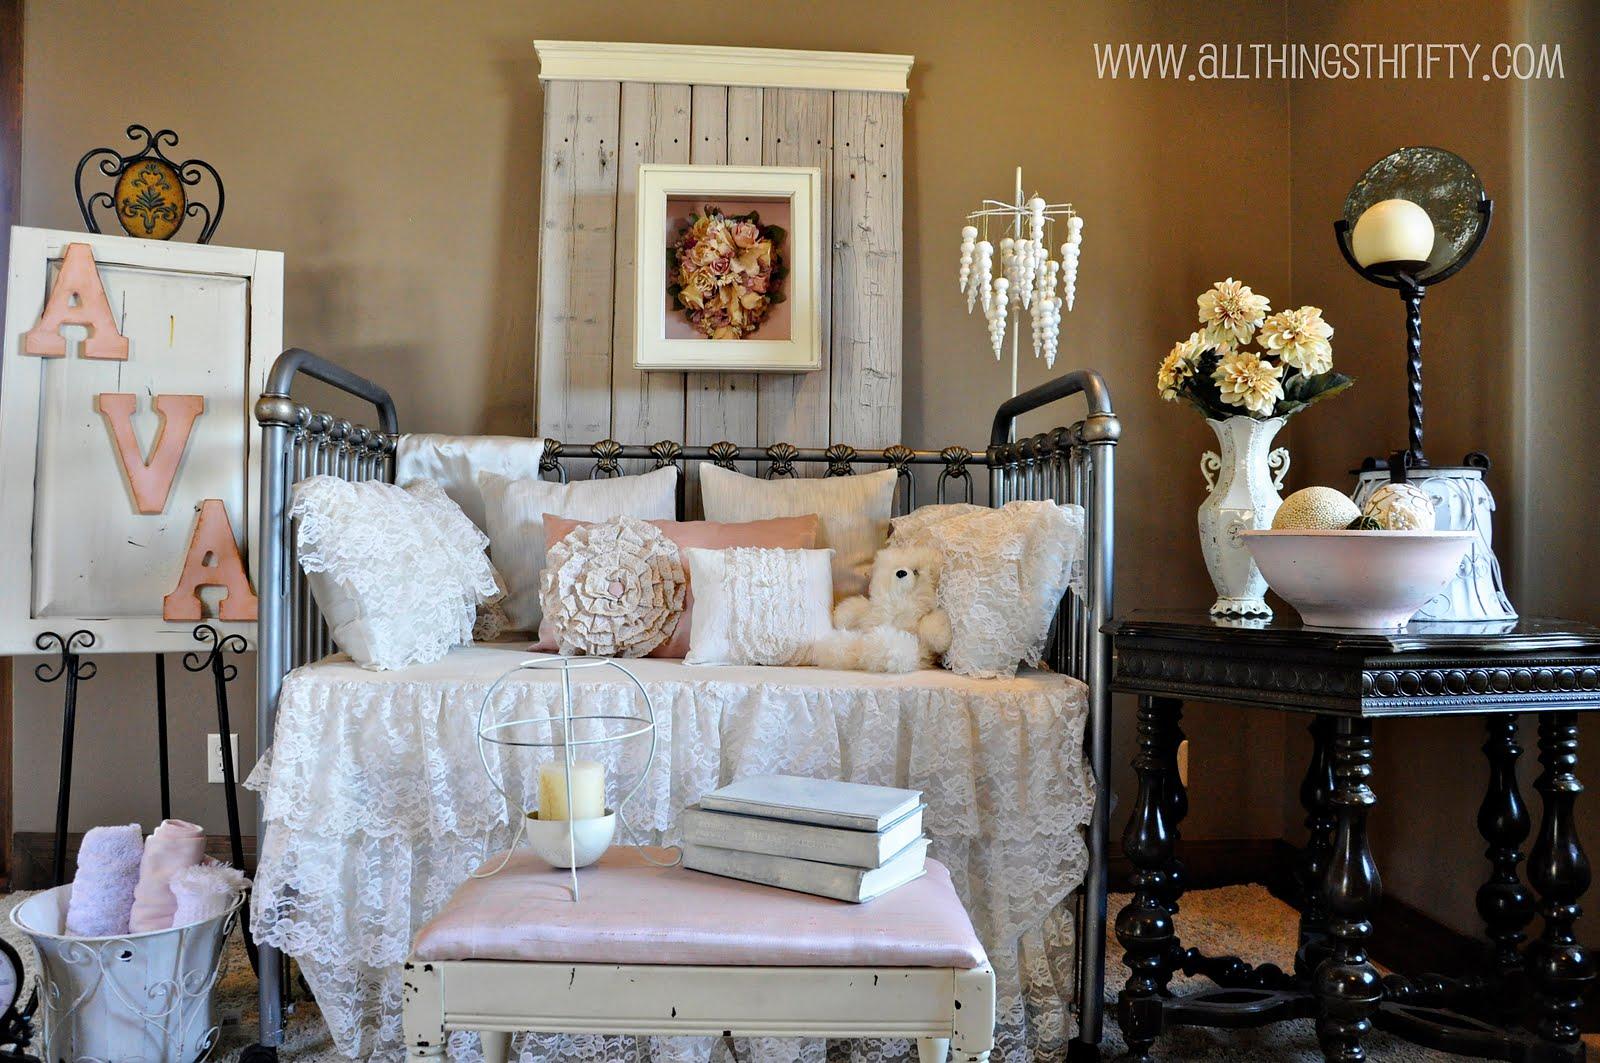 for sale baby girl vintage bedding. Black Bedroom Furniture Sets. Home Design Ideas